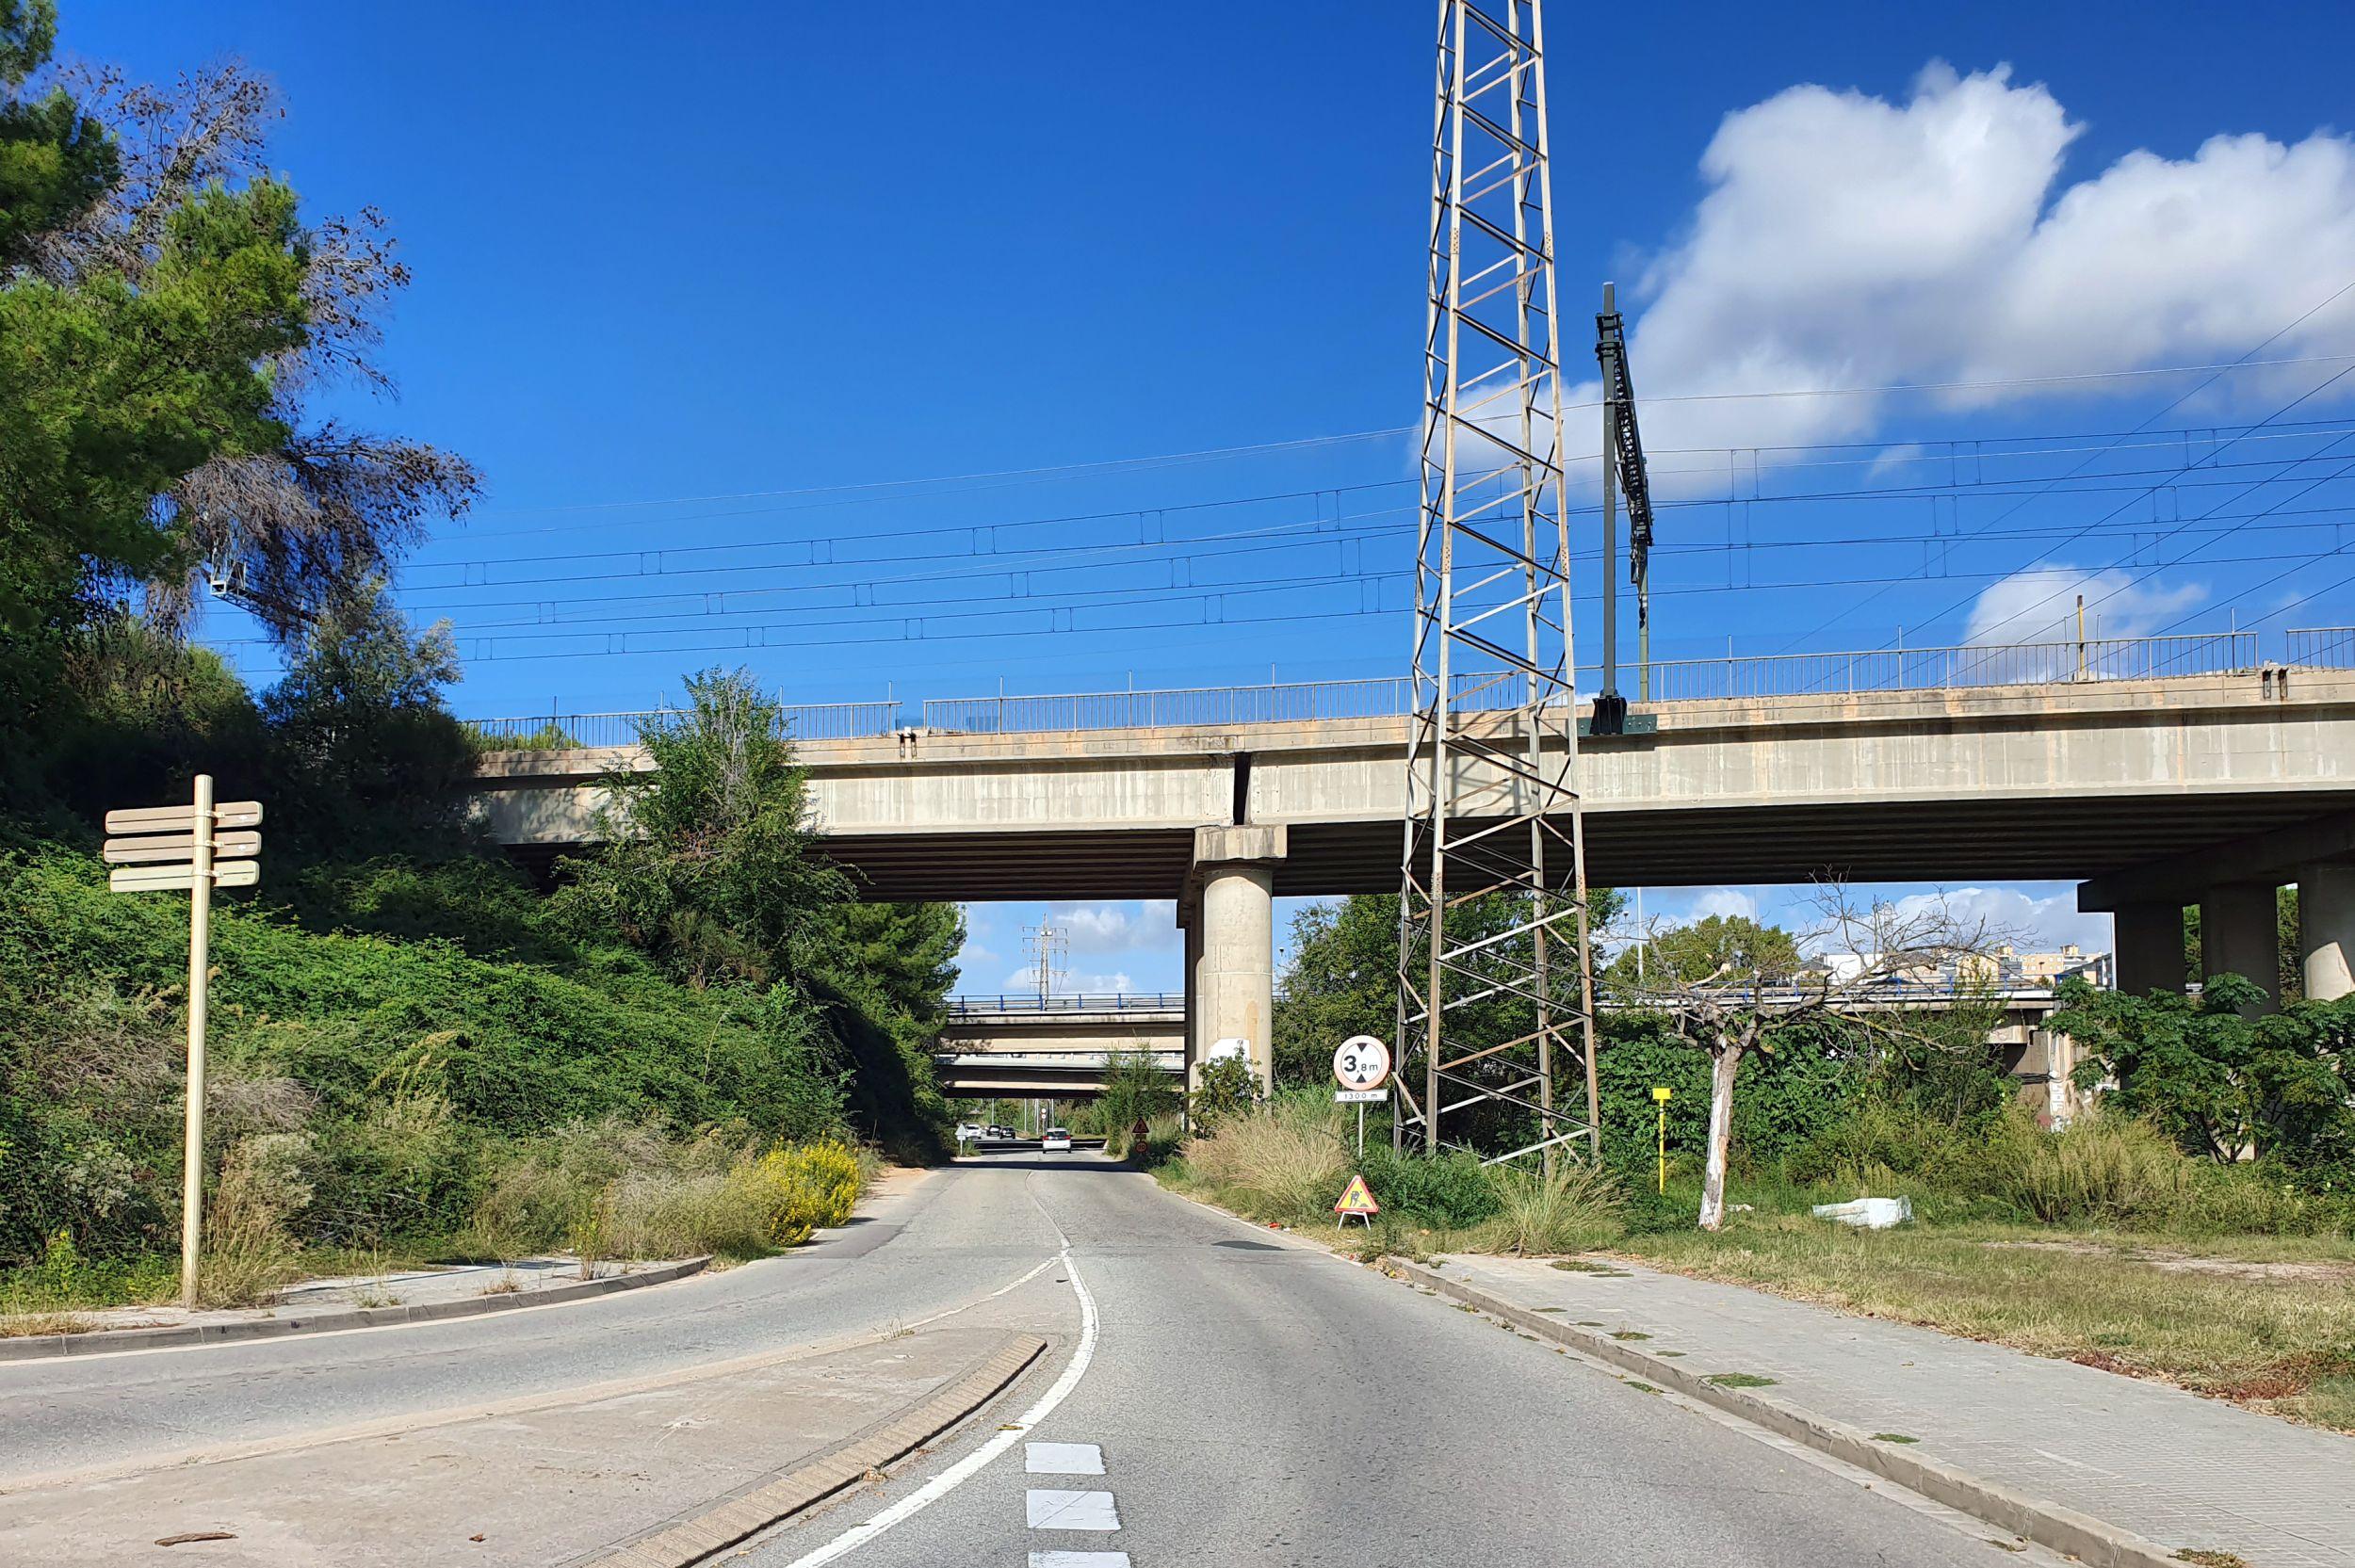 El camí per a vianants i bicicletes anirà paral·lel al vial que uneix Cerdanyola i Badia